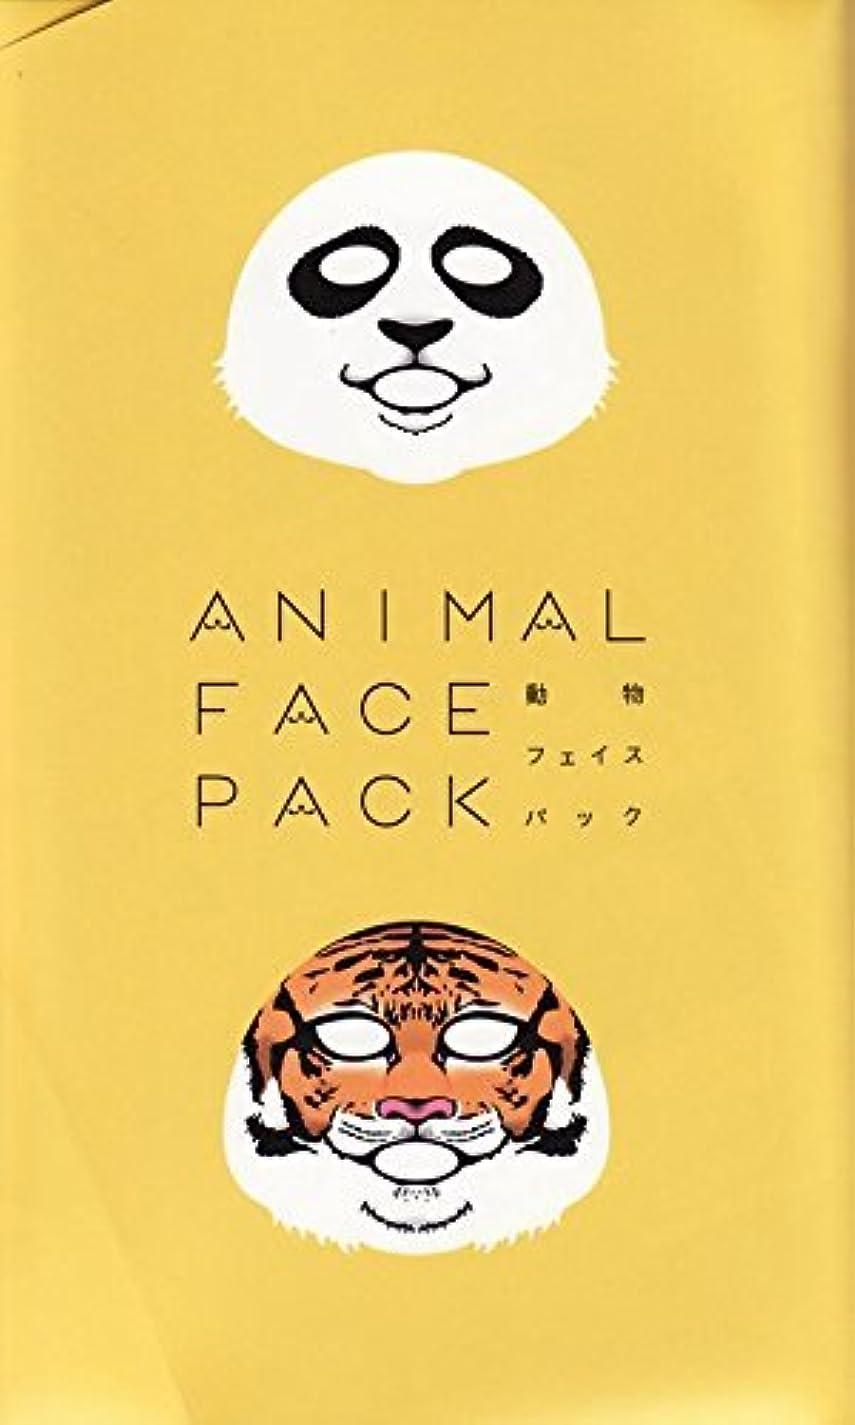 わかる驚くべき消去動物 フェイス パック ANIMAL FACE PACK パンダ トラ